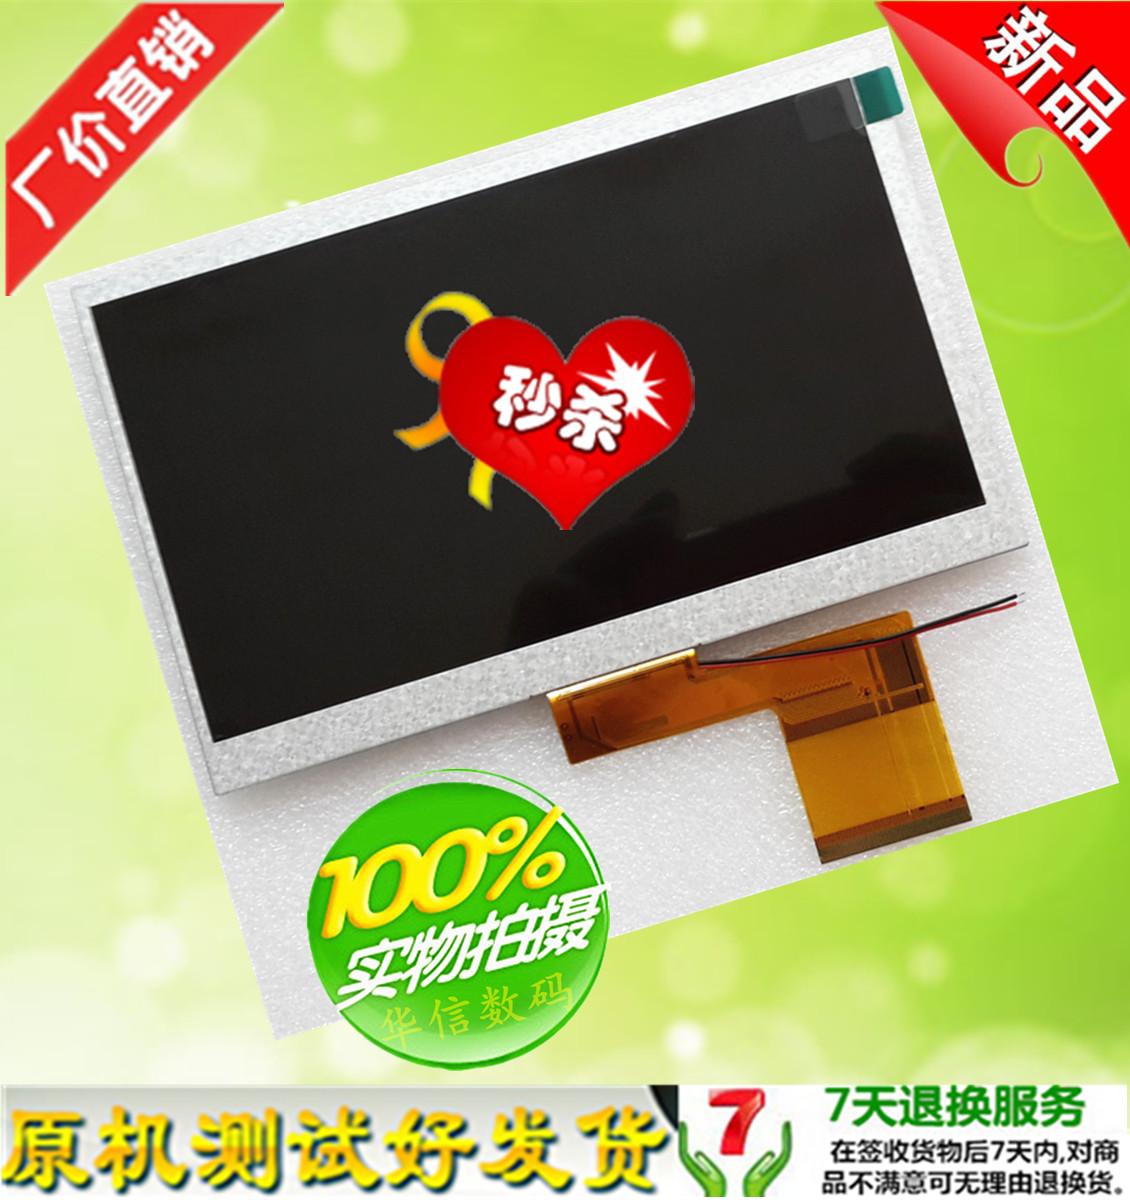 7-дюймовый 60p LJD700B001A-FPC-1.1 кабель, оригинальный экран ЖК-дисплей